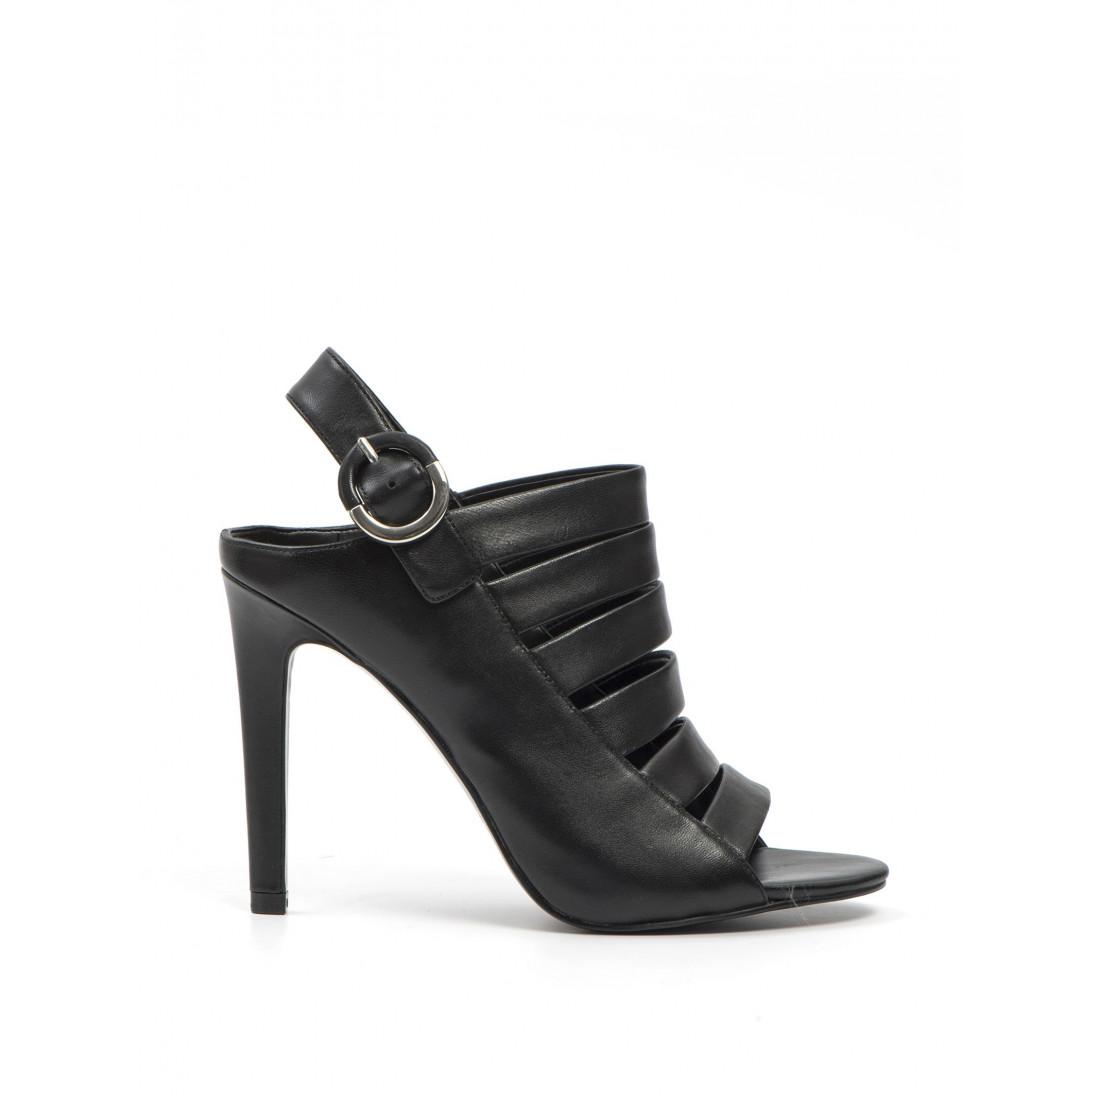 sandalen damen kendall kylie mia 01 black fez nappa 1601